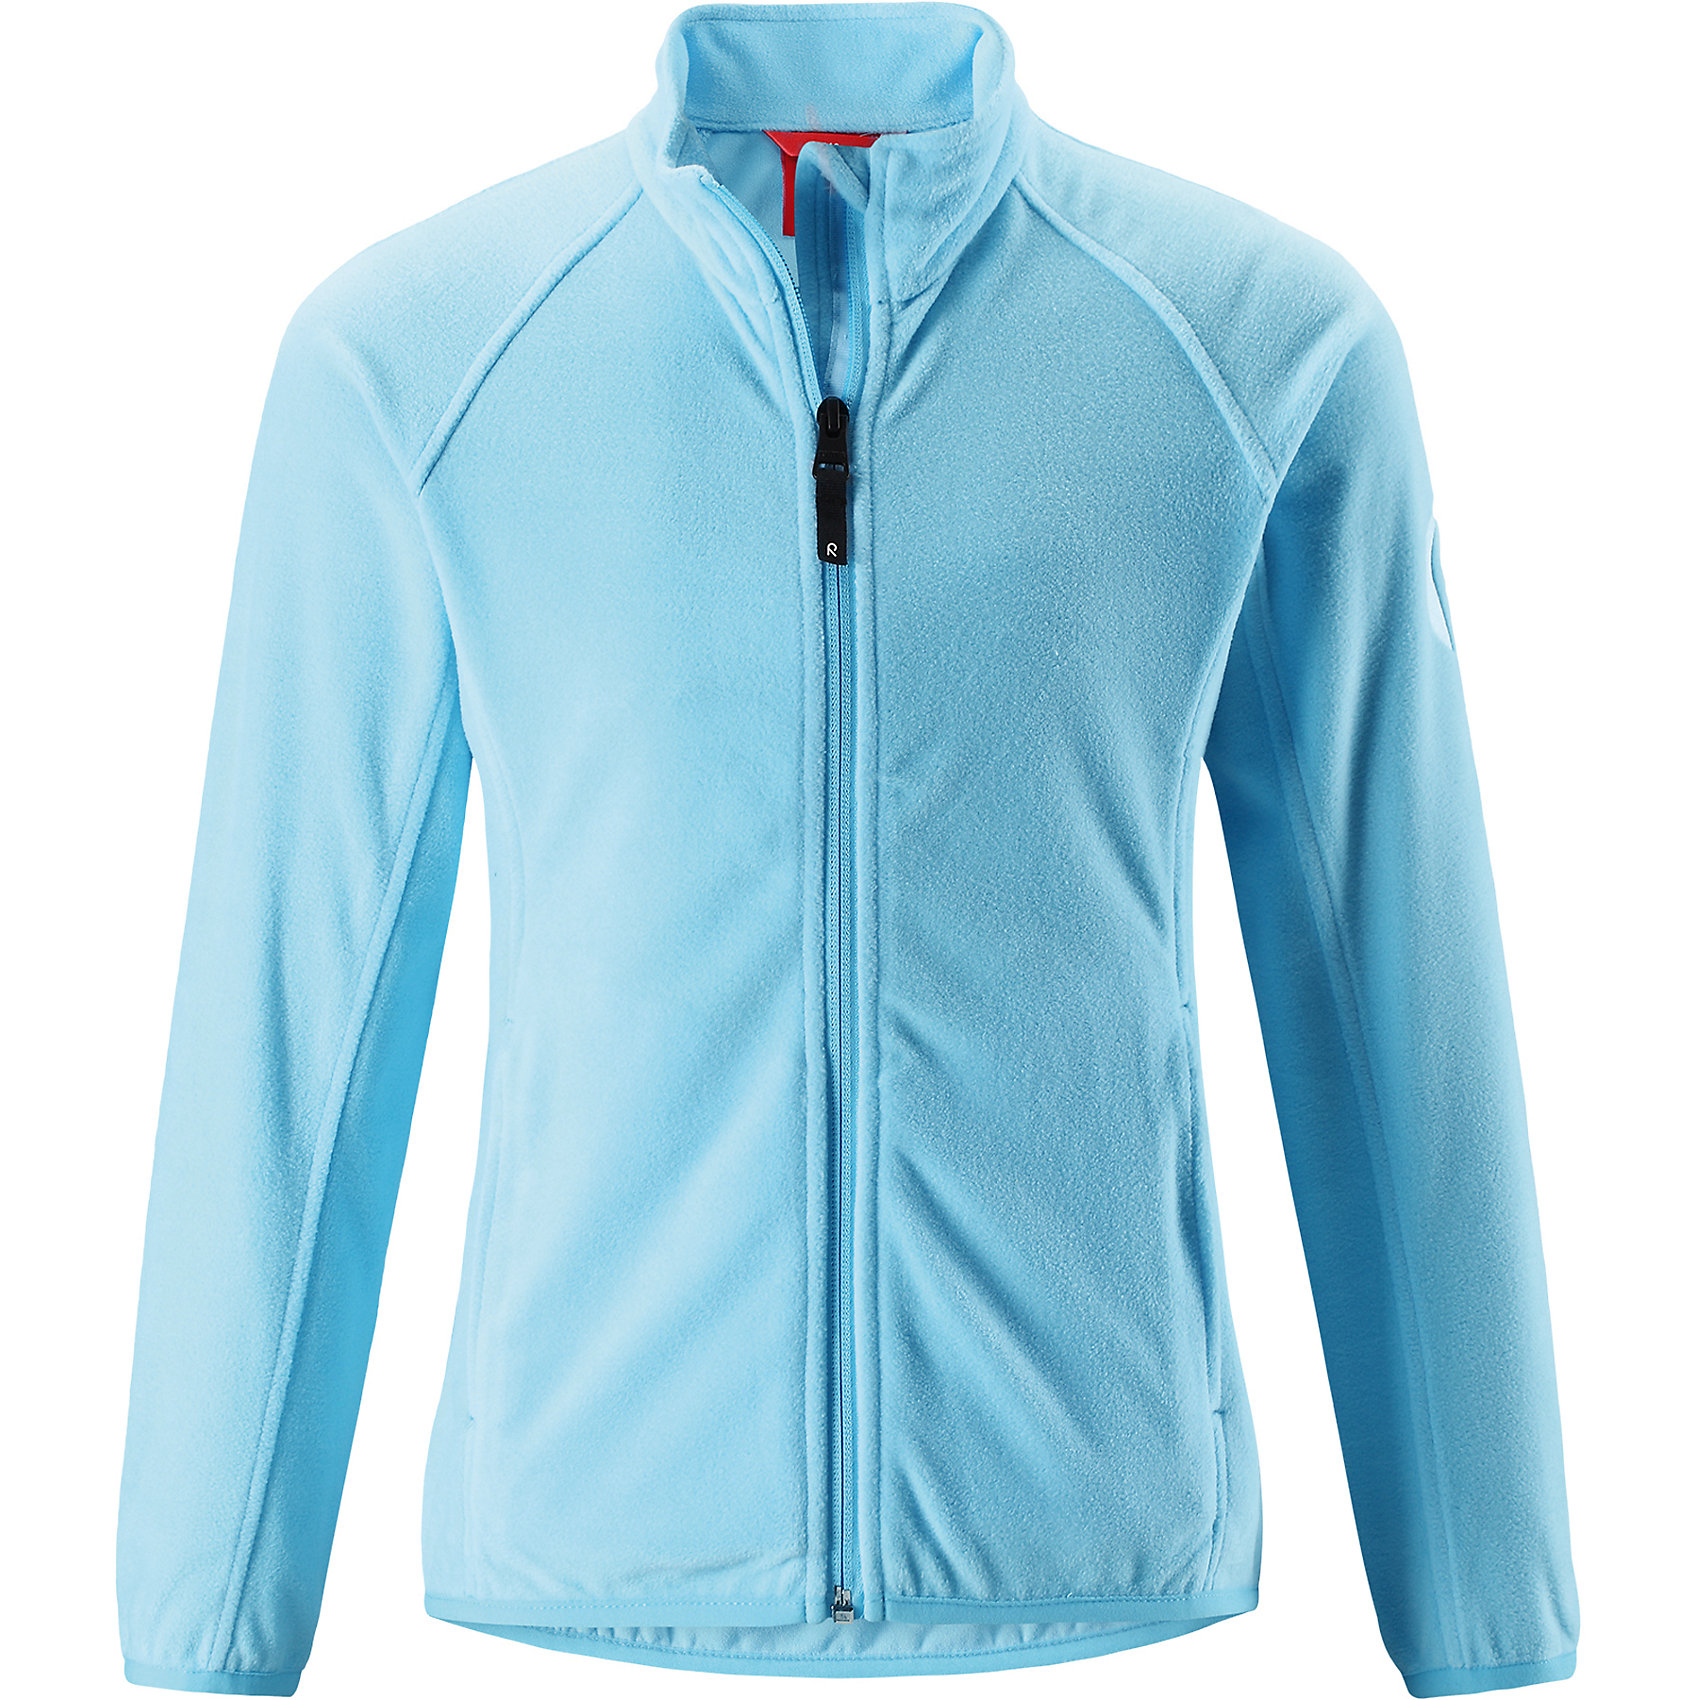 Флисовая кофта Reima Alagna для девочкиФлис и термобелье<br>Характеристики товара:<br><br>• цвет: голубой;<br>• состав: 100% полиэстер; <br>• сезон: демисезон;<br>• выводит влагу в верхние слои одежды;<br>• теплый, легкий и быстросохнущий флис;<br>• эластичные манжеты и подол;<br>• молния по всей длине с защитой подбородка;<br>• два кармана на молнии;<br>• страна бренда: Финляндия;<br>• страна изготовитель: Китай;<br><br>Эта детская флисовая куртка сшита из необыкновенно легкого и теплого микрофлиса. Материал идеально подходит для зимних активных забав, поскольку эффективно выводит влагу от кожи в верхние слои одежды и быстро сохнет. Дышащий материал не парит, сколько ни бегай. Защита для подбородка на молнии обеспечивает дополнительный комфорт и не дает поцарапаться об зубчики. Куртка украшена горячим тиснением и снабжена двумя карманами на молнии, а также эластичным подолом и манжетами.<br><br>Флисовую кофту Alagna для девочки Reima (Рейма) можно купить в нашем интернет-магазине.<br><br>Ширина мм: 190<br>Глубина мм: 74<br>Высота мм: 229<br>Вес г: 236<br>Цвет: синий<br>Возраст от месяцев: 36<br>Возраст до месяцев: 48<br>Пол: Женский<br>Возраст: Детский<br>Размер: 104,110,116,122,128,134,140,146,152,158,164<br>SKU: 6906293